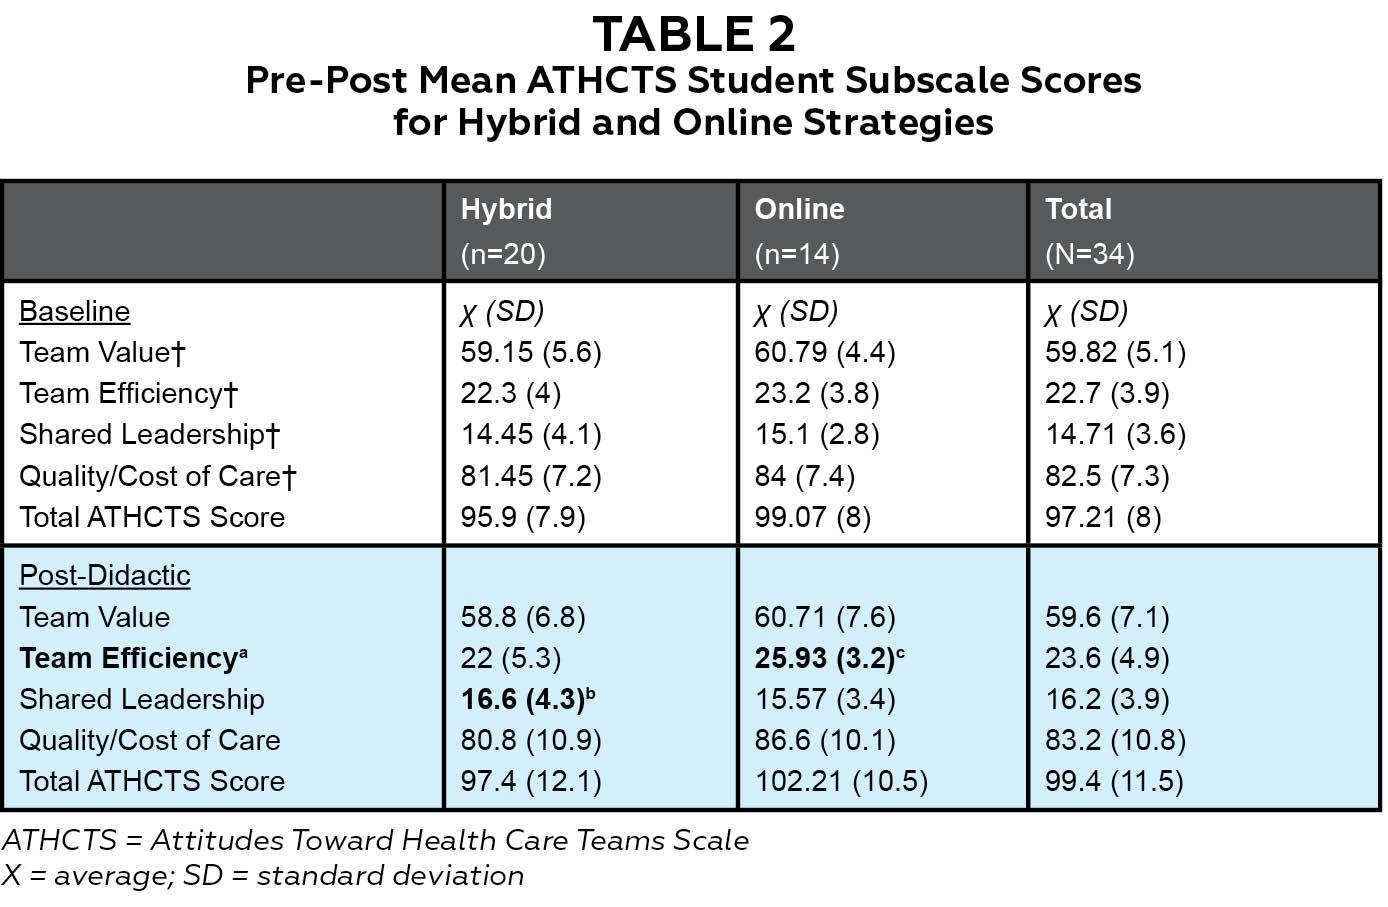 Shaping Student Attitudes Toward Healthcare Teams Through a Hybrid